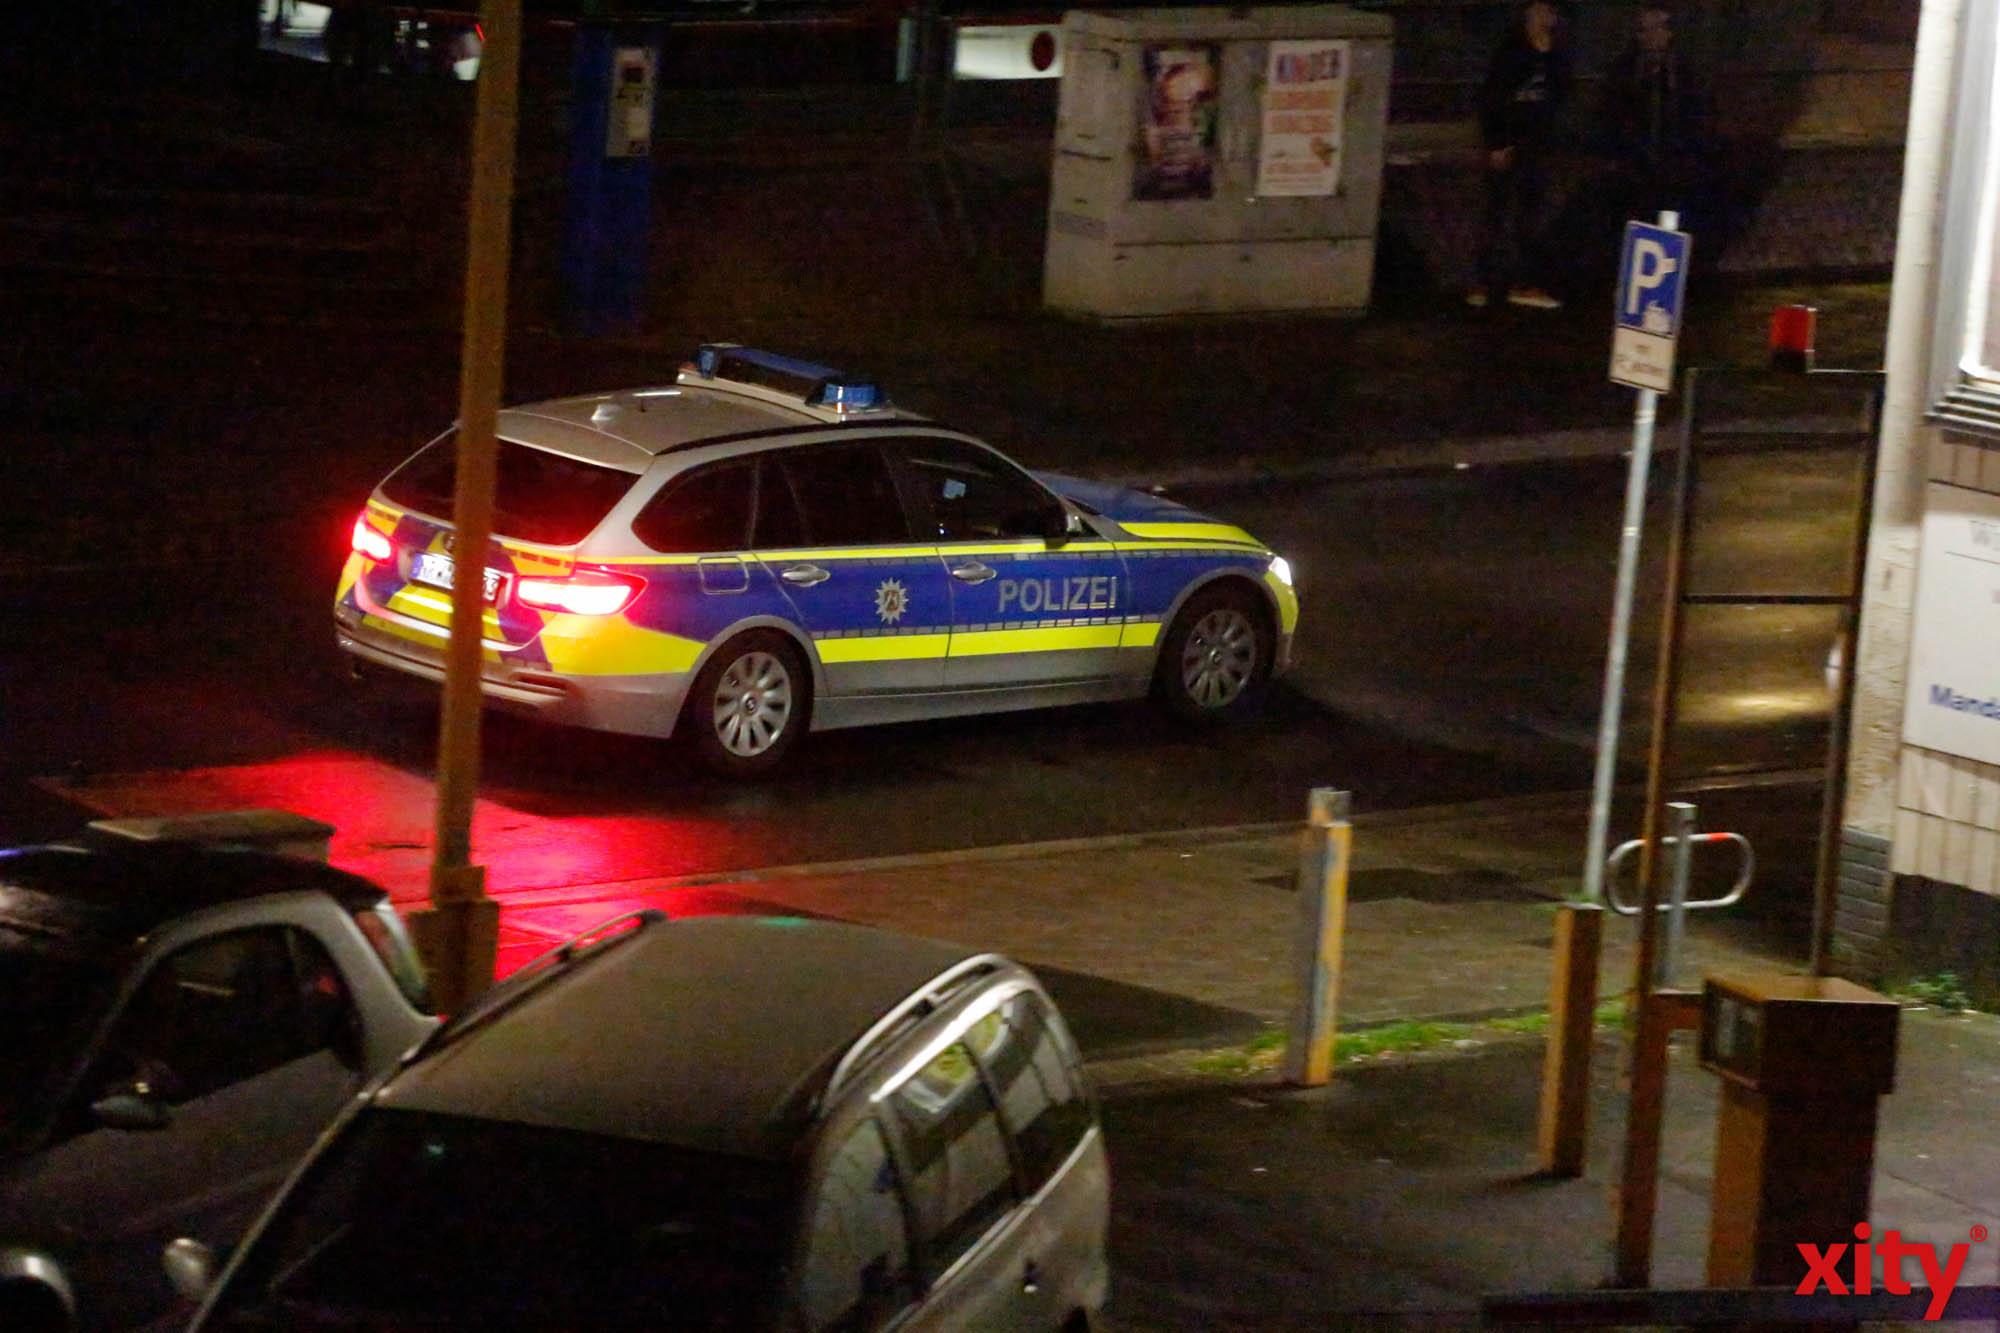 Nach der Einsatzaufnahme suchte die Polizei nach den flüchtigen Täter/n(Foto: xity)